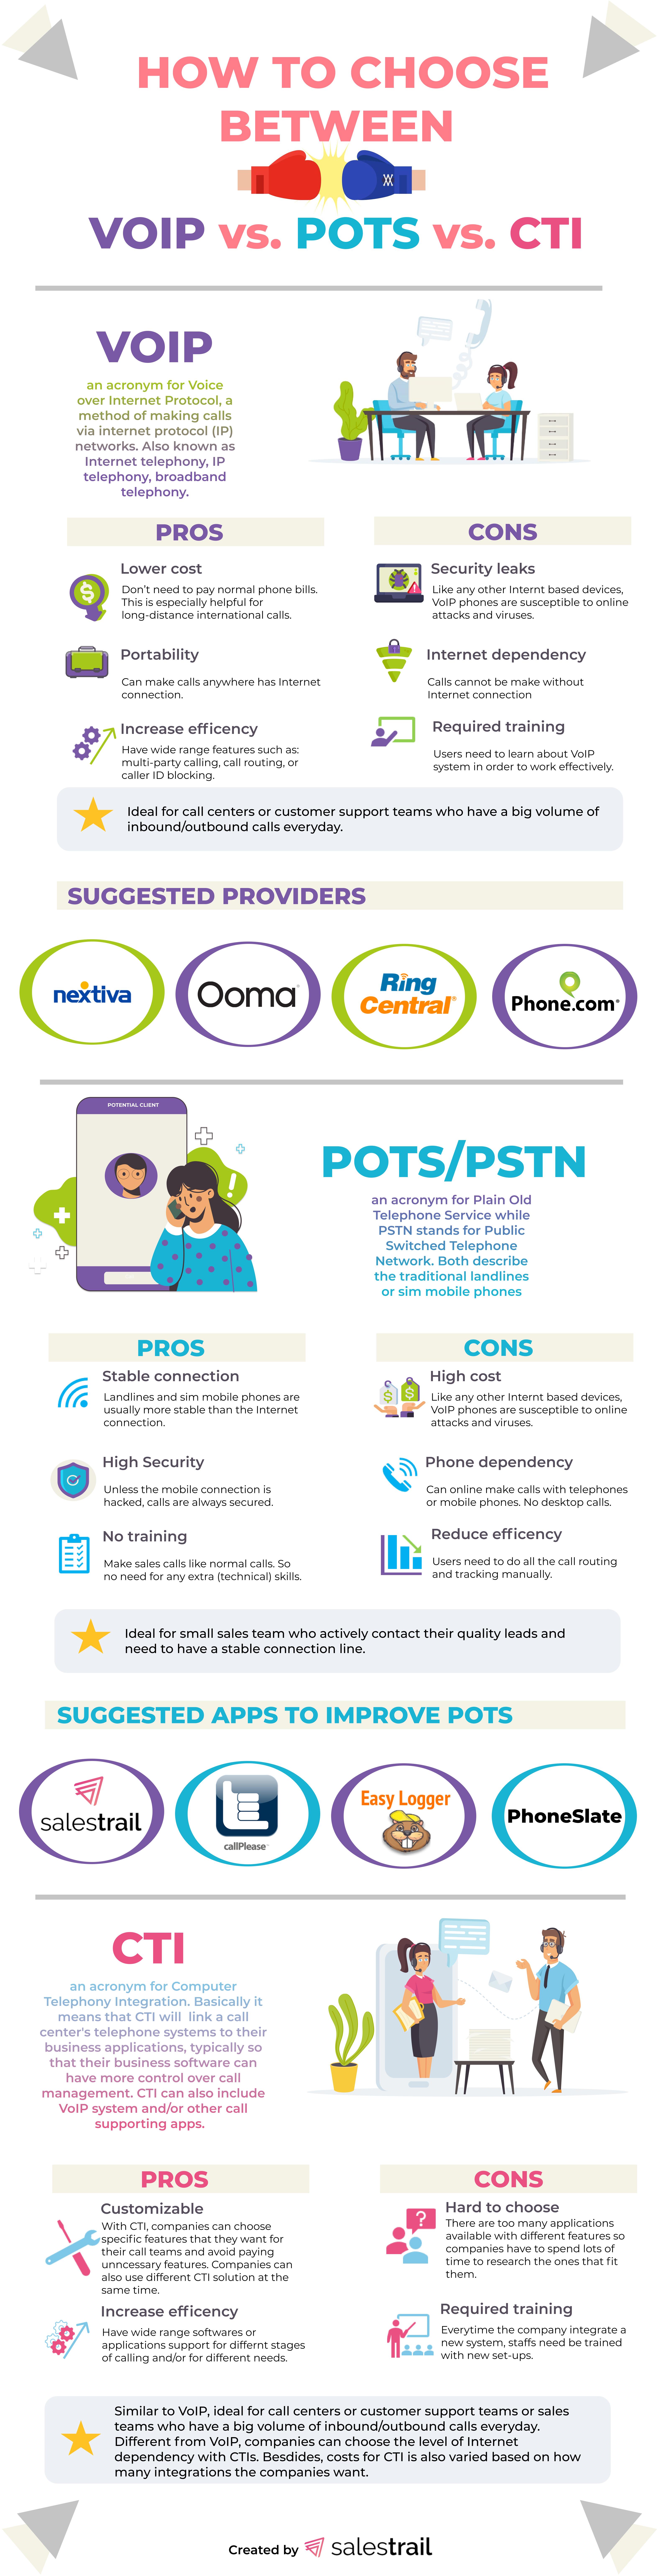 voip-pots-cti-infographic